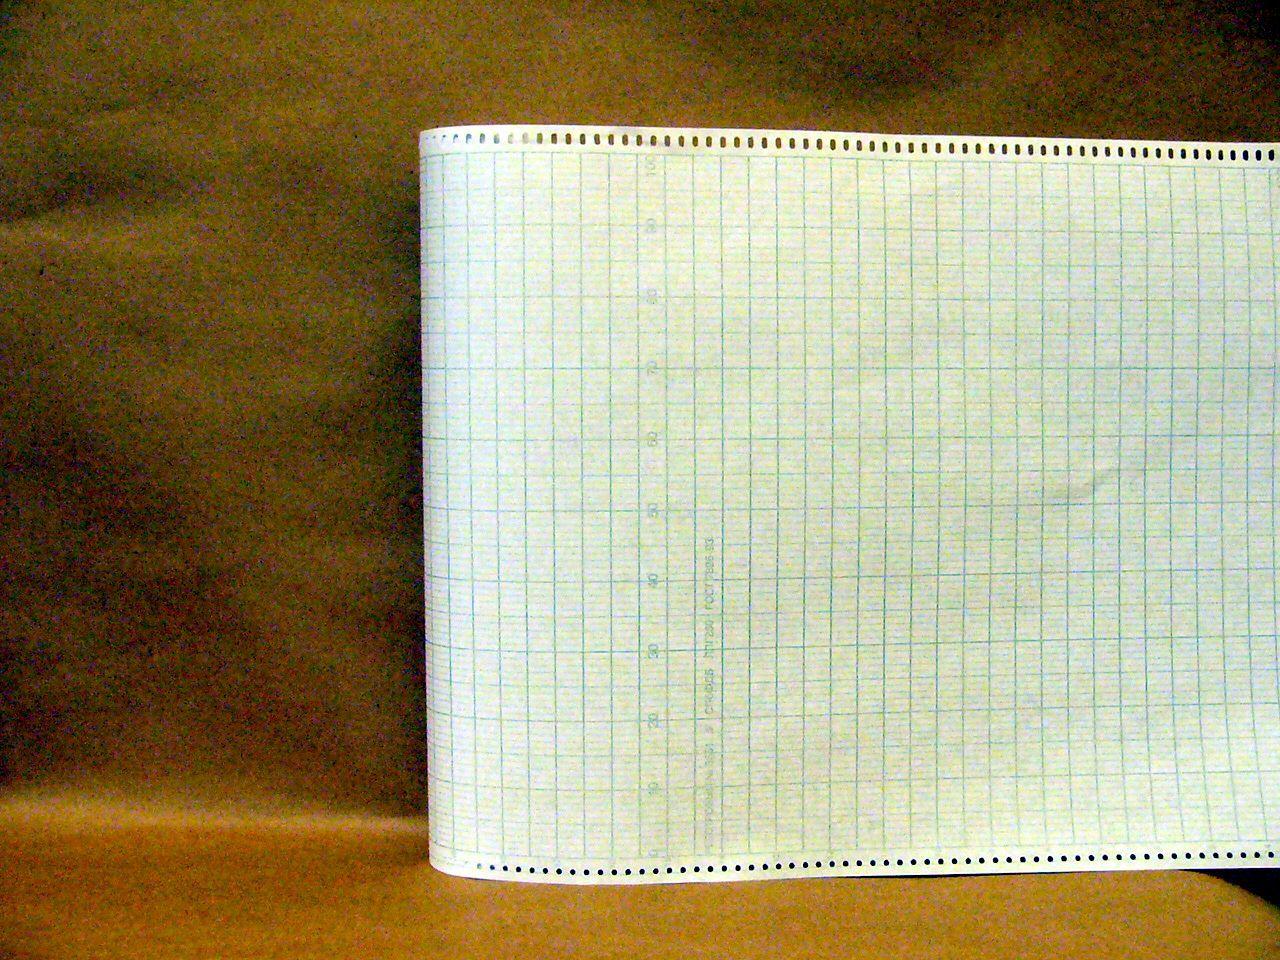 Диаграммная рулонная лента, реестровый № 3561 (42,315 руб/кв.м)